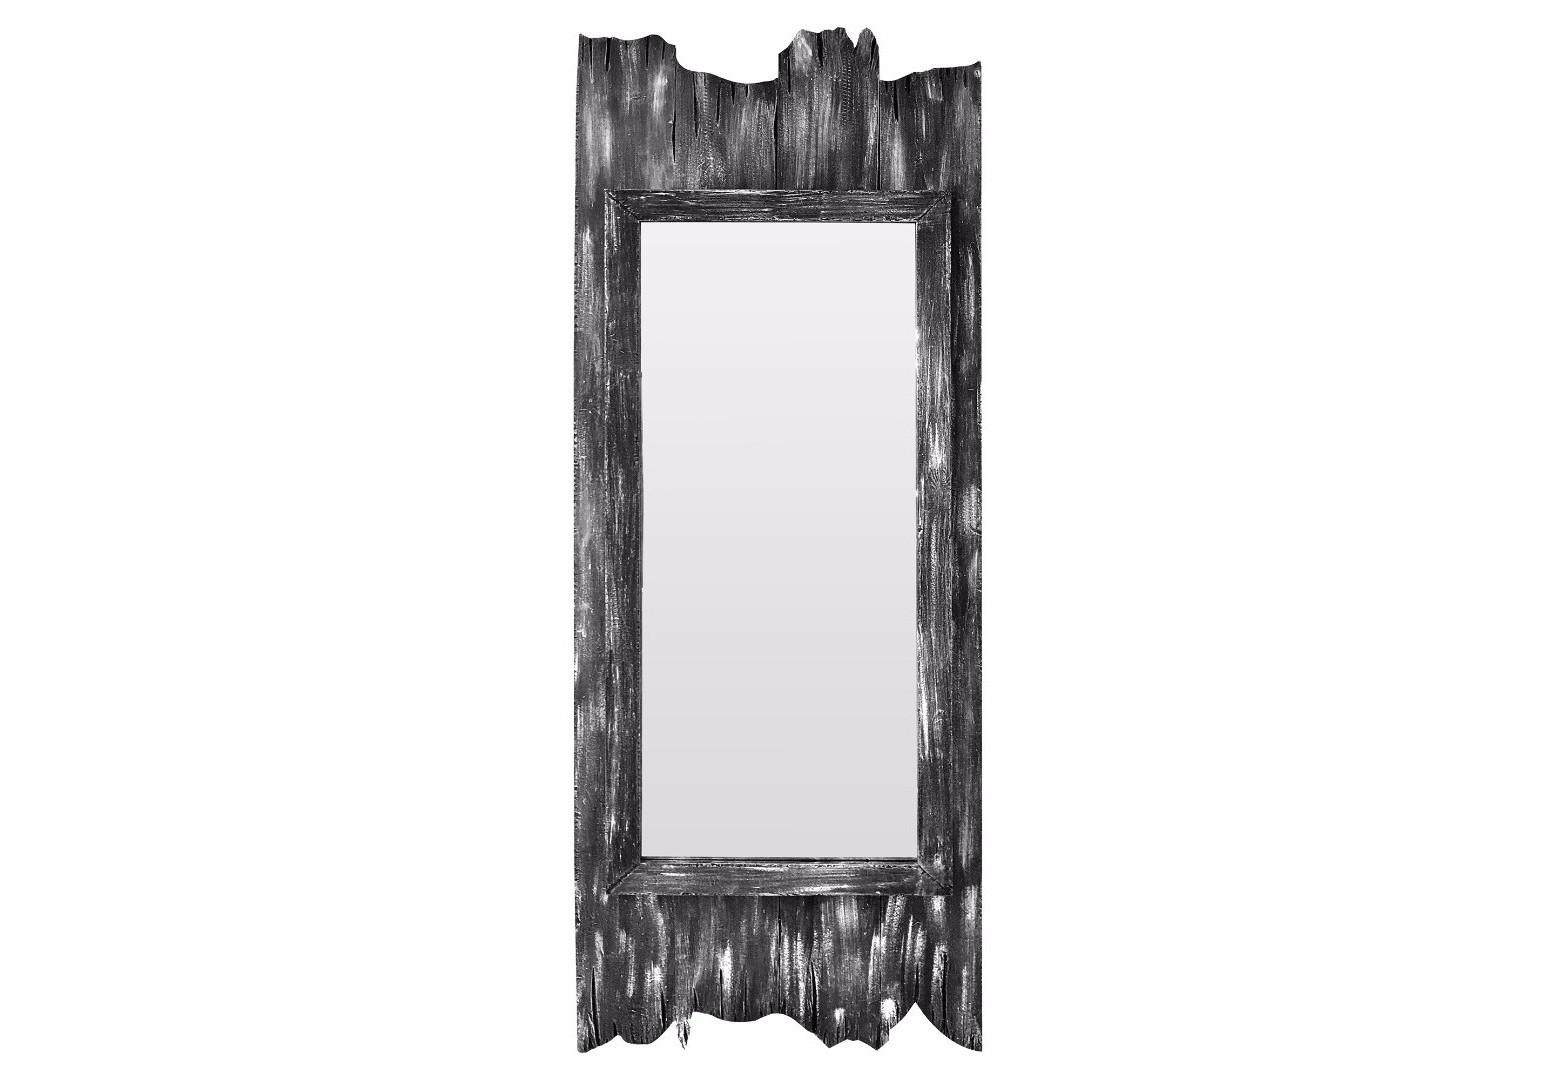 Зеркало GinoНастенные зеркала<br>Коллекции B-Home – это дизайнерские зеркала, зеркальная мебель и предметы интерьера. Все изделия от и до мы создаем сами в нашей мастерской. Каждое – это уникальное произведение, арт-объект со своей историей и мелодией. Мы следим за современными трендами, лично отбираем лучшие материалы и каждый день трудимся над созданием новых шедевров, которые будут радовать вас. Если вы ищете что-то действительно качественное, стоящее и эксклюзивное, что сделано с душой и руками человека, B-Home придется вам по вкусу!<br><br>Material: Дерево<br>Ширина см: 60.0<br>Высота см: 166.0<br>Глубина см: 4.0